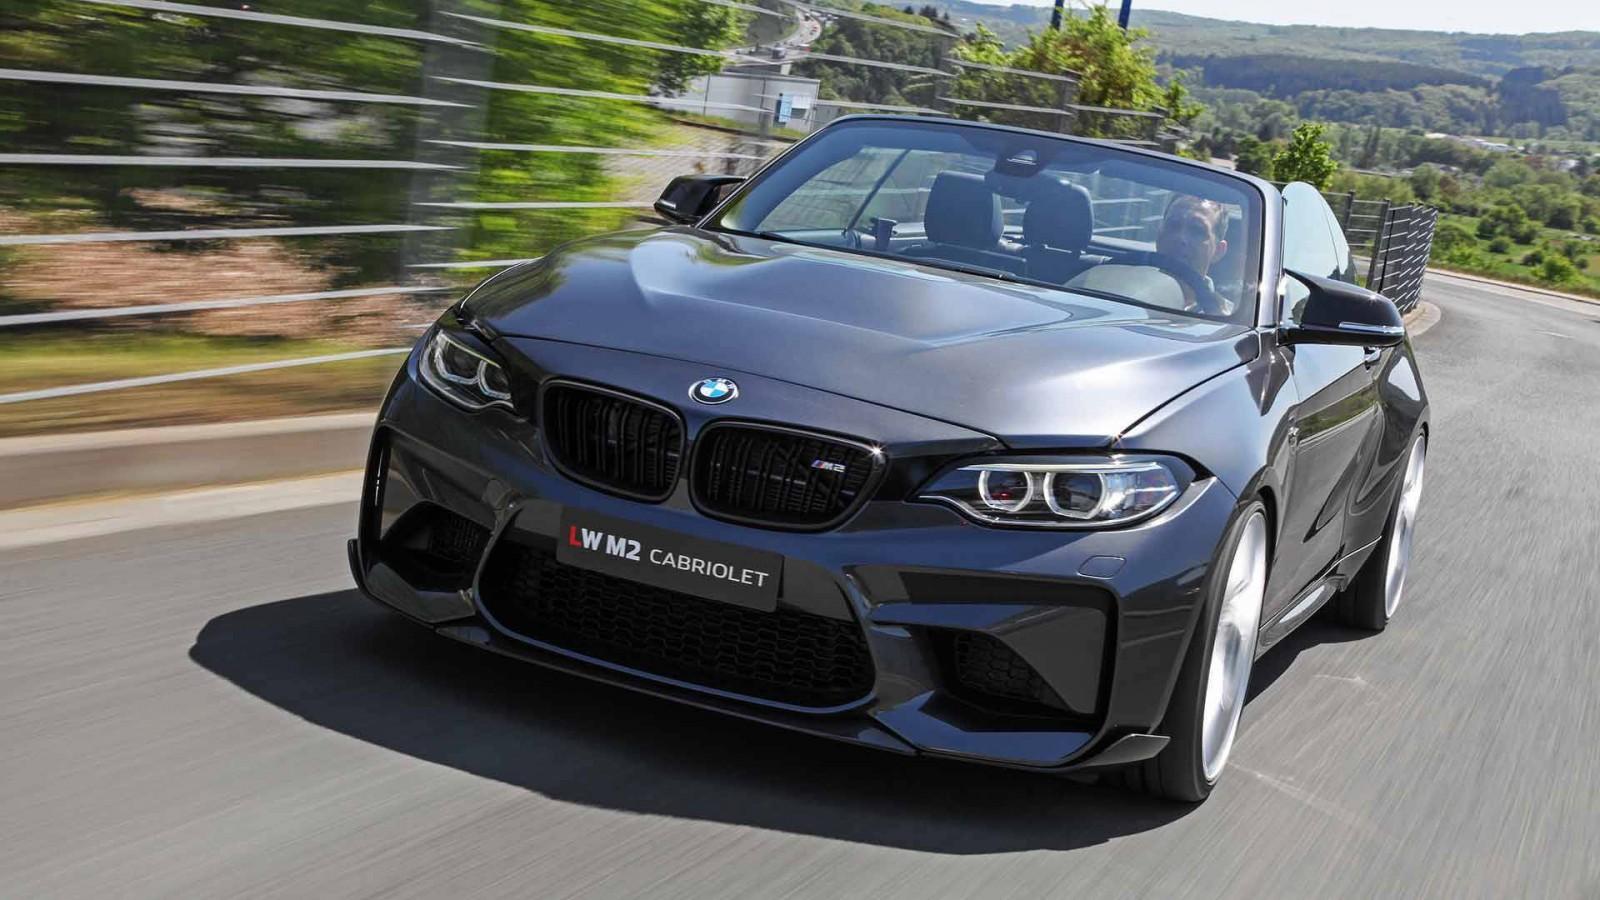 (foto) Acesta este al doilea BMW M2 Convertible care nu e făcut de bavarezi şi poate rula cu 300 de km/h